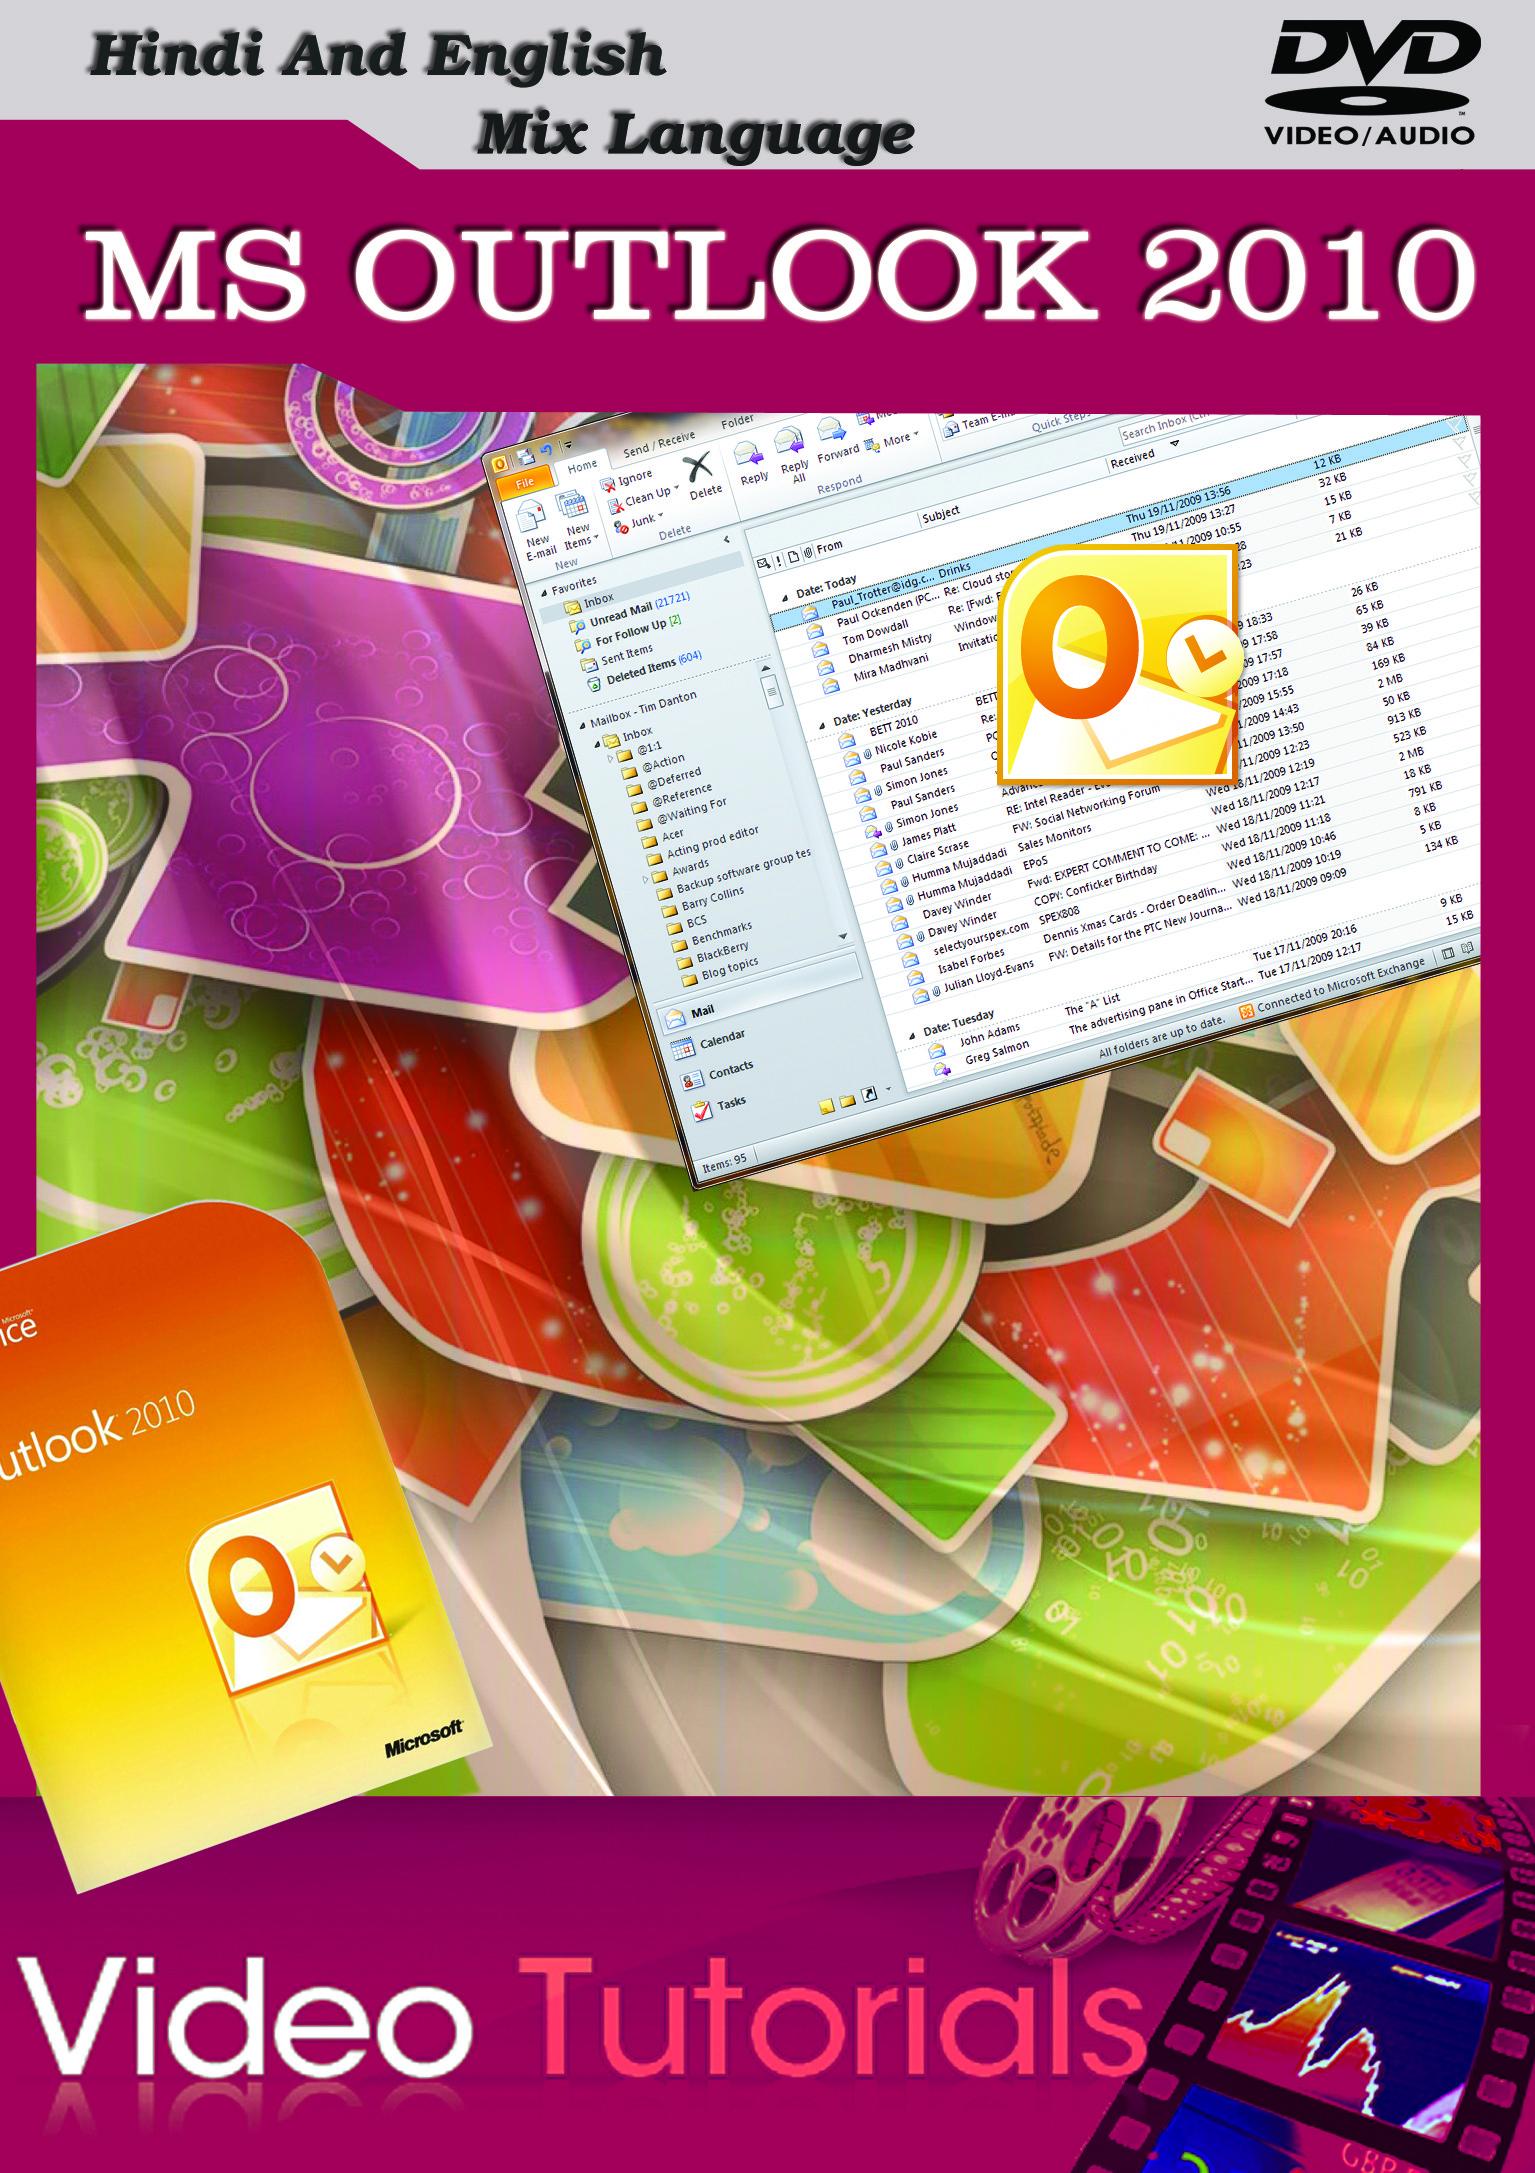 Lsoit Microsoft Outlook 2010 Tutorials DVD Tutorials(DVD)